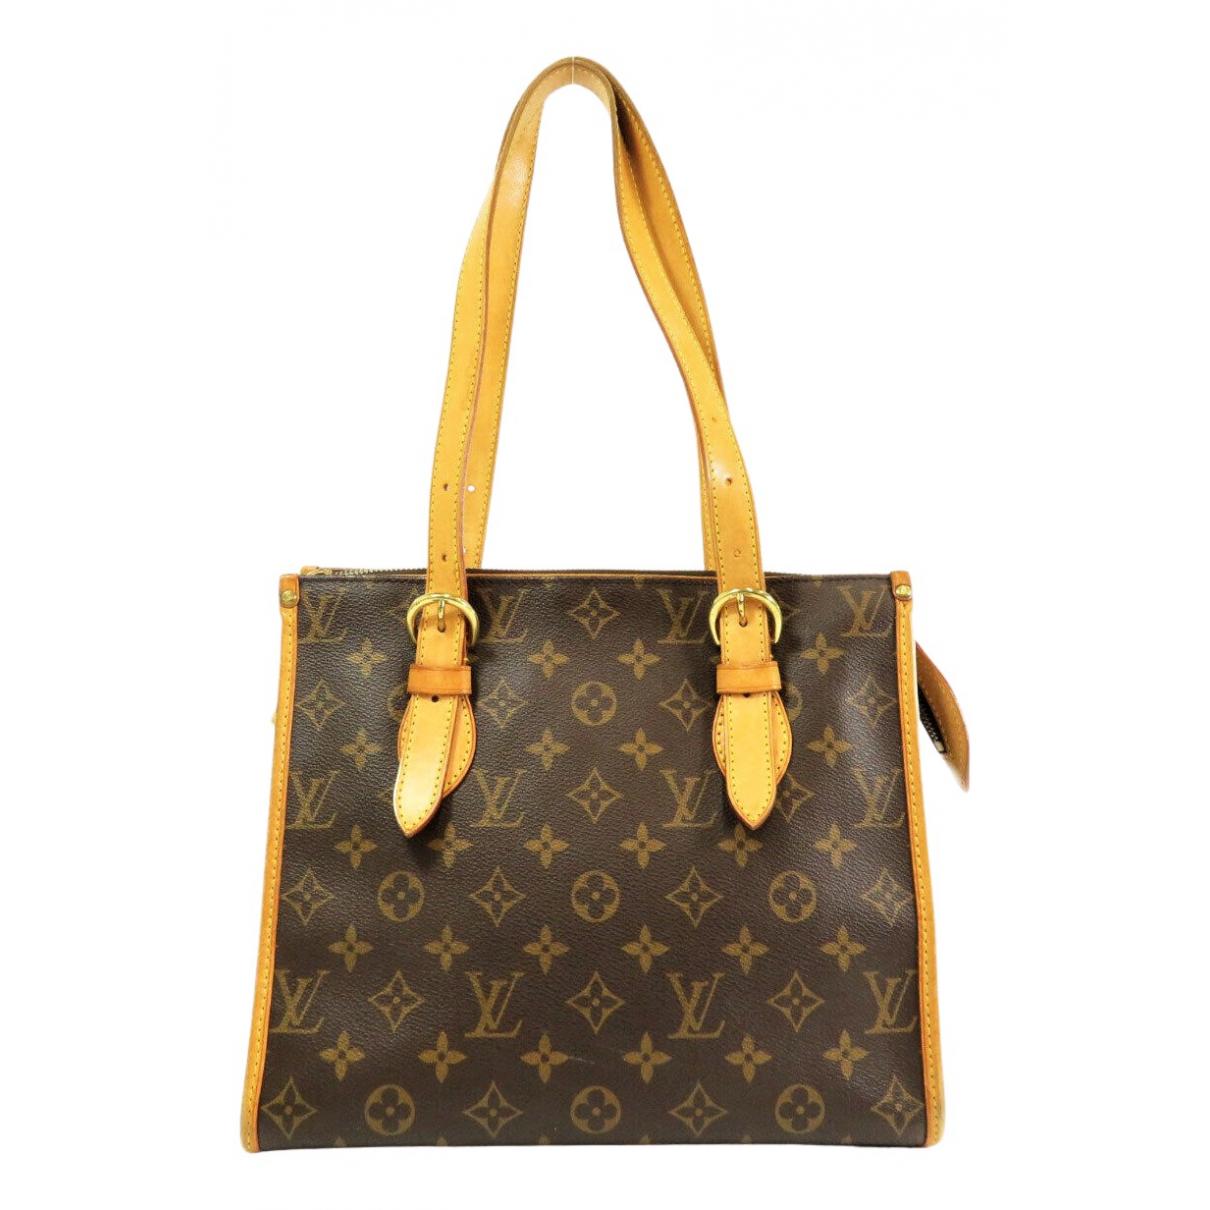 Louis Vuitton - Sac a main Popincourt pour femme en toile - marron